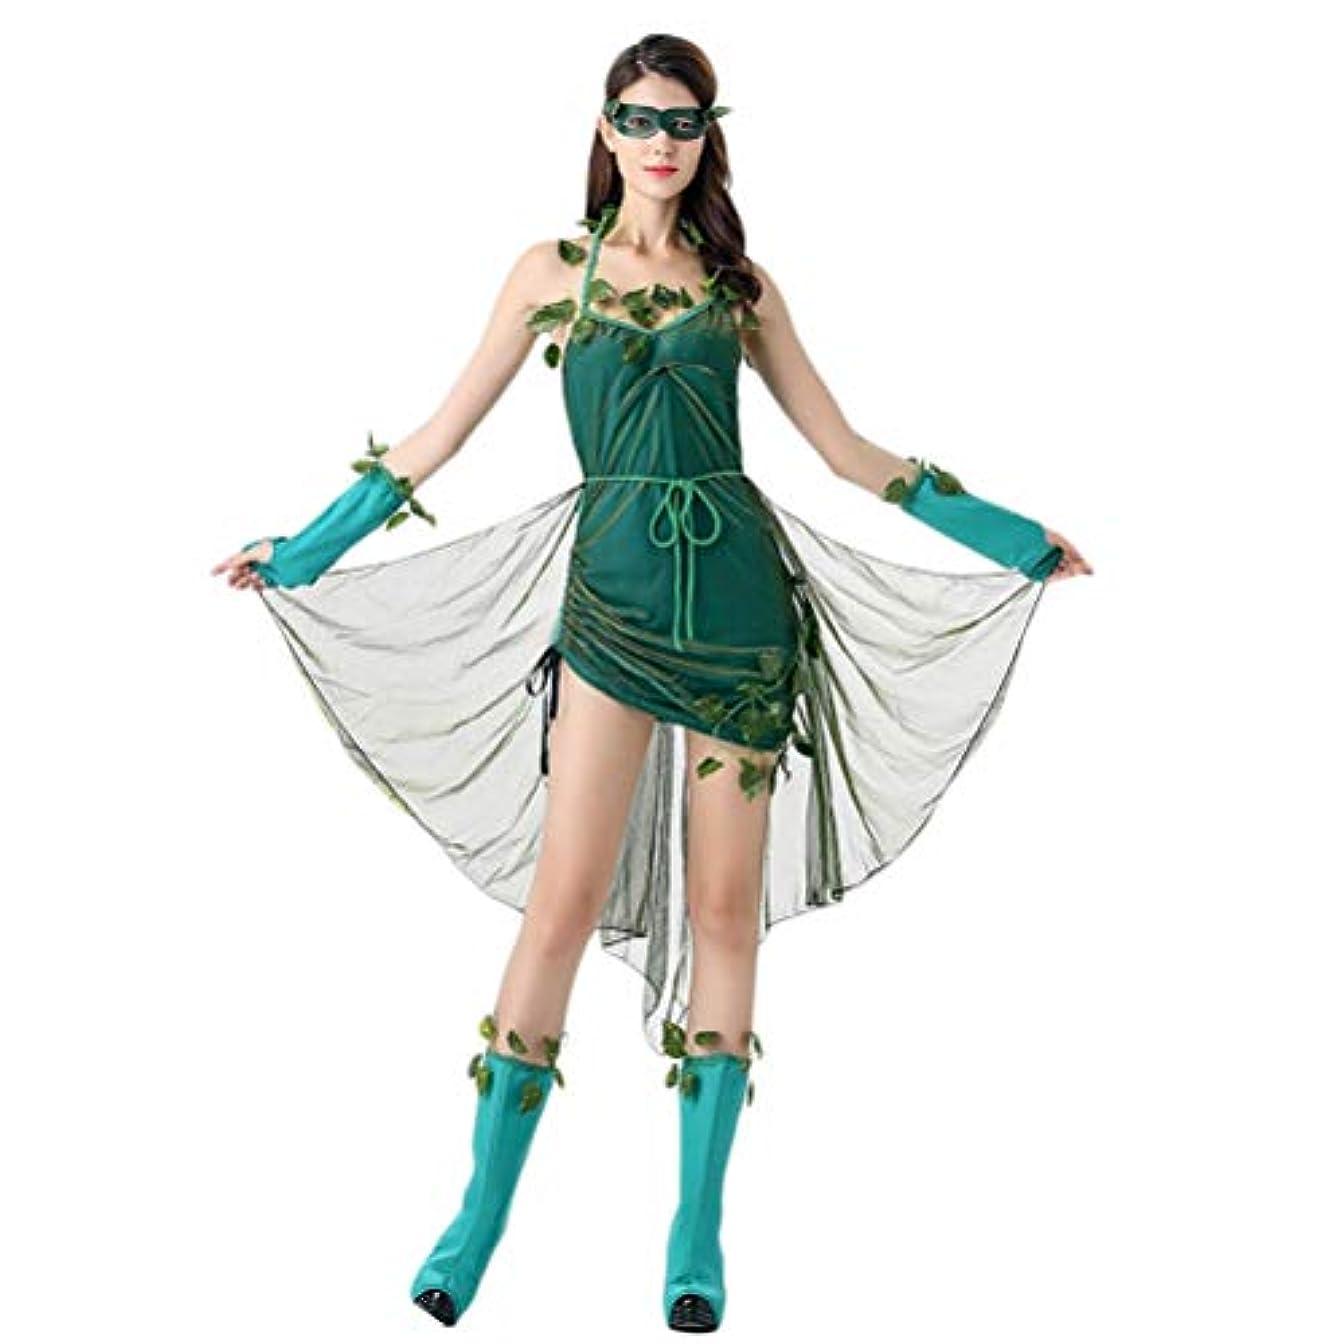 森無謀望むBESTOYARD ハロウィンステージの衣装美しいエルフの衣装森の悪魔の女神女性のコスプレ衣装ユニフォームパーティードレススーツ